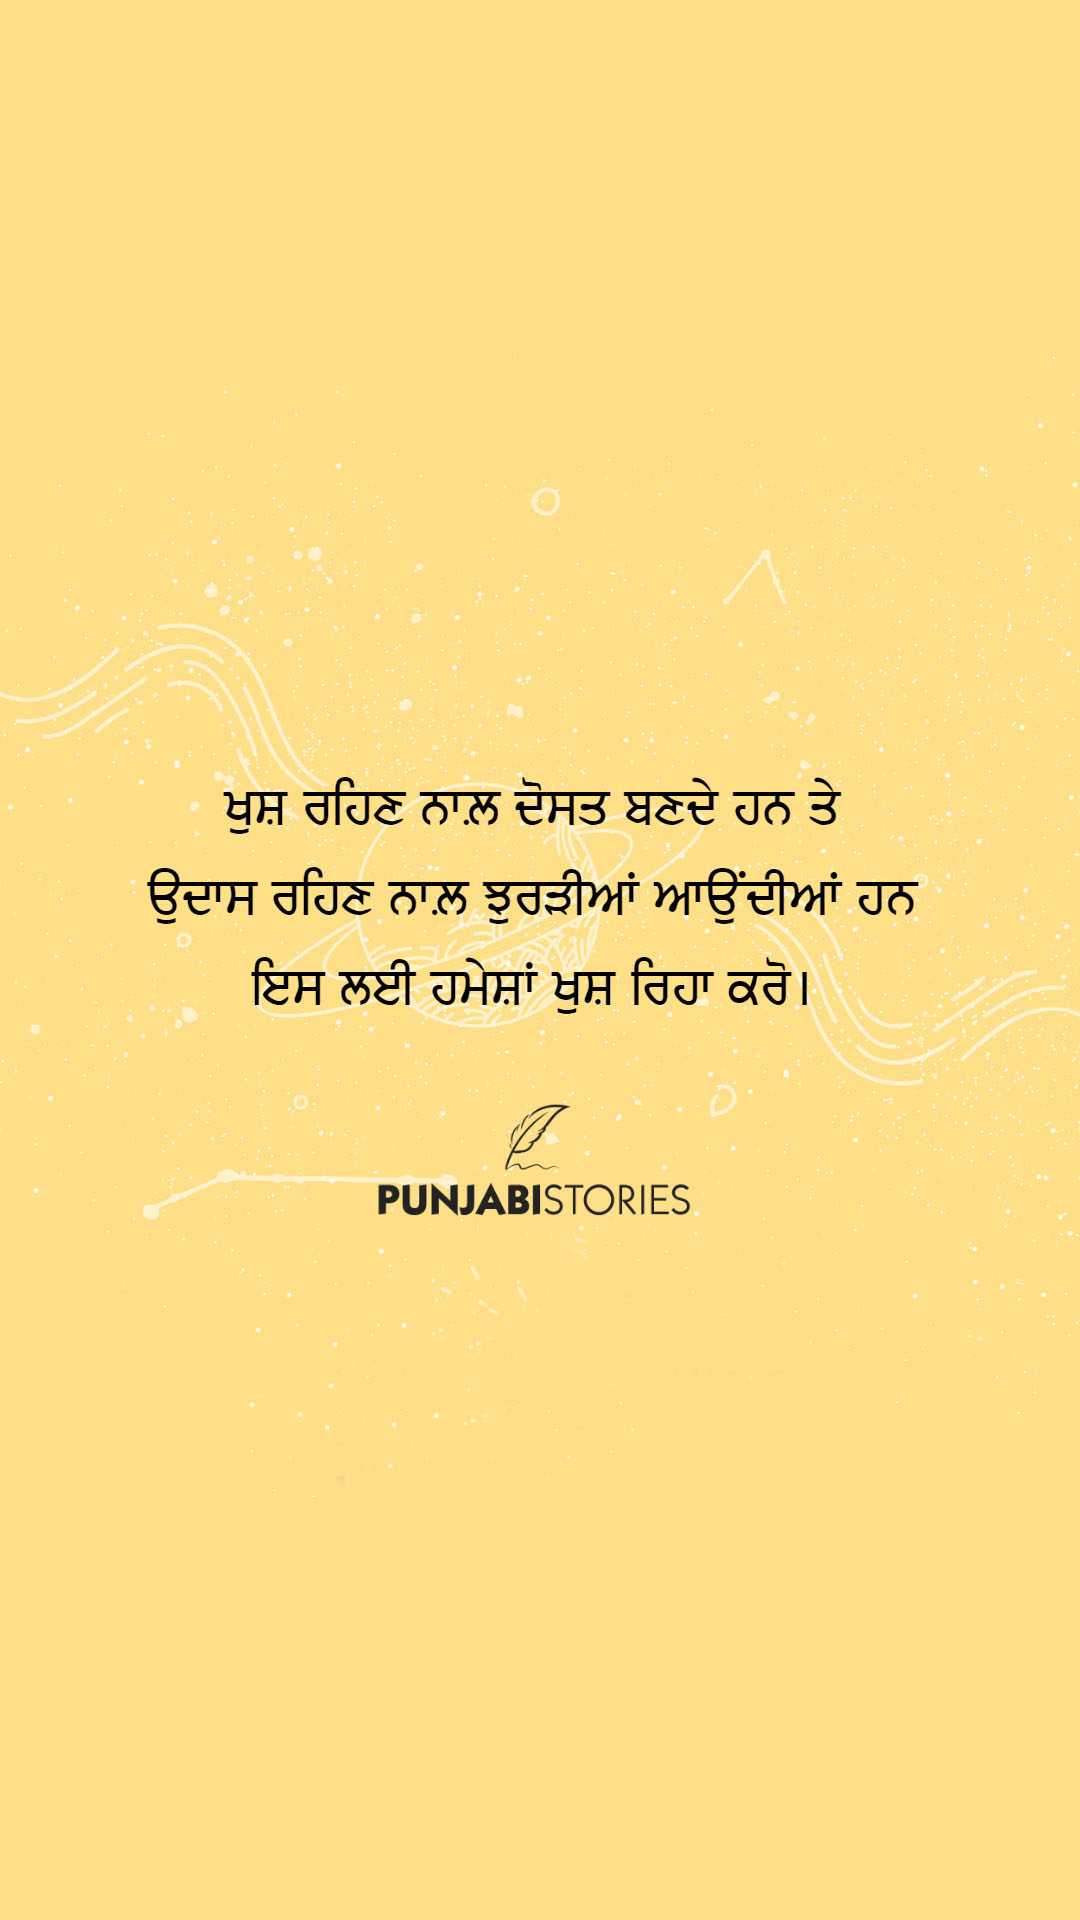 punjabi status, punjabi written status